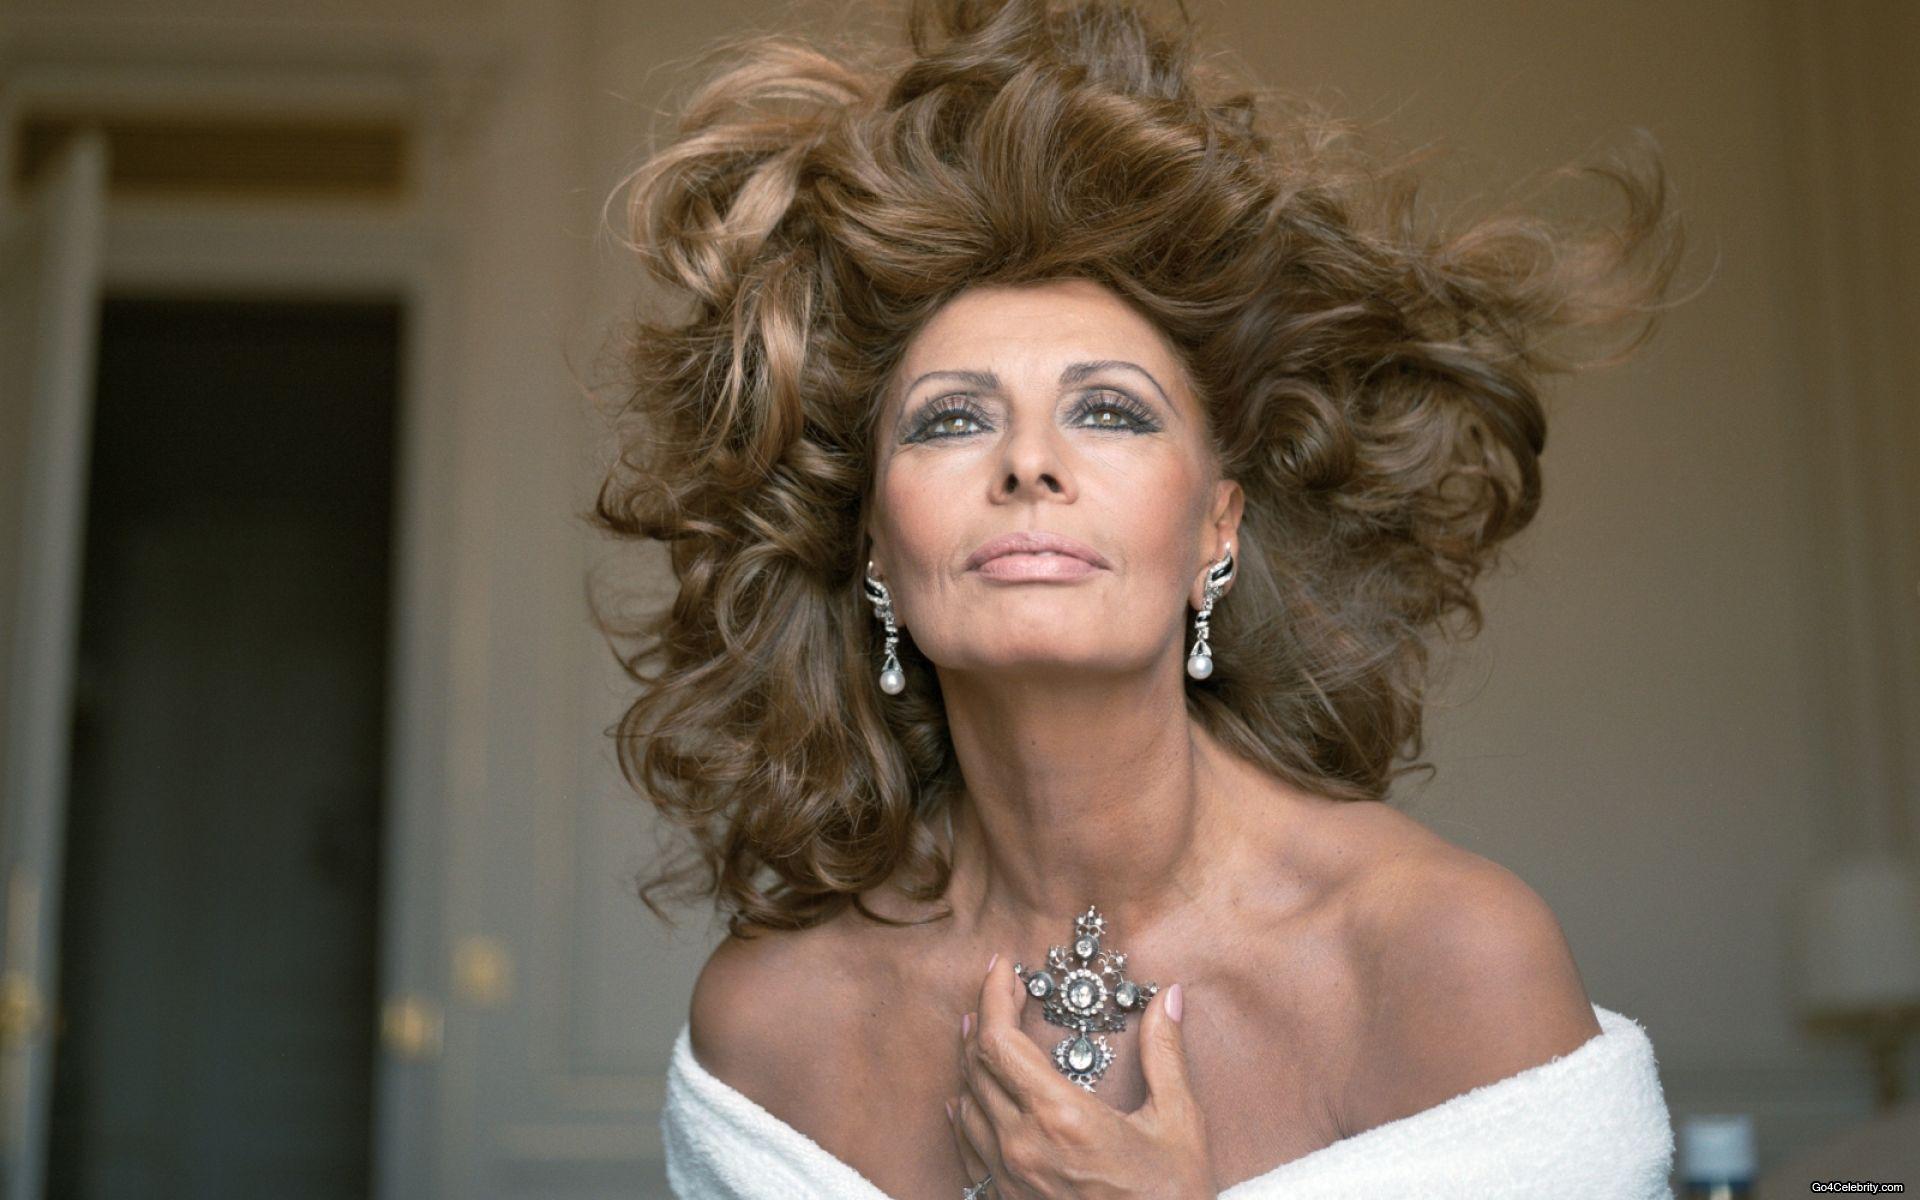 Фото красивых женщин за 60, Зрелые голые женщины 40-60 лет: старые, но не 10 фотография